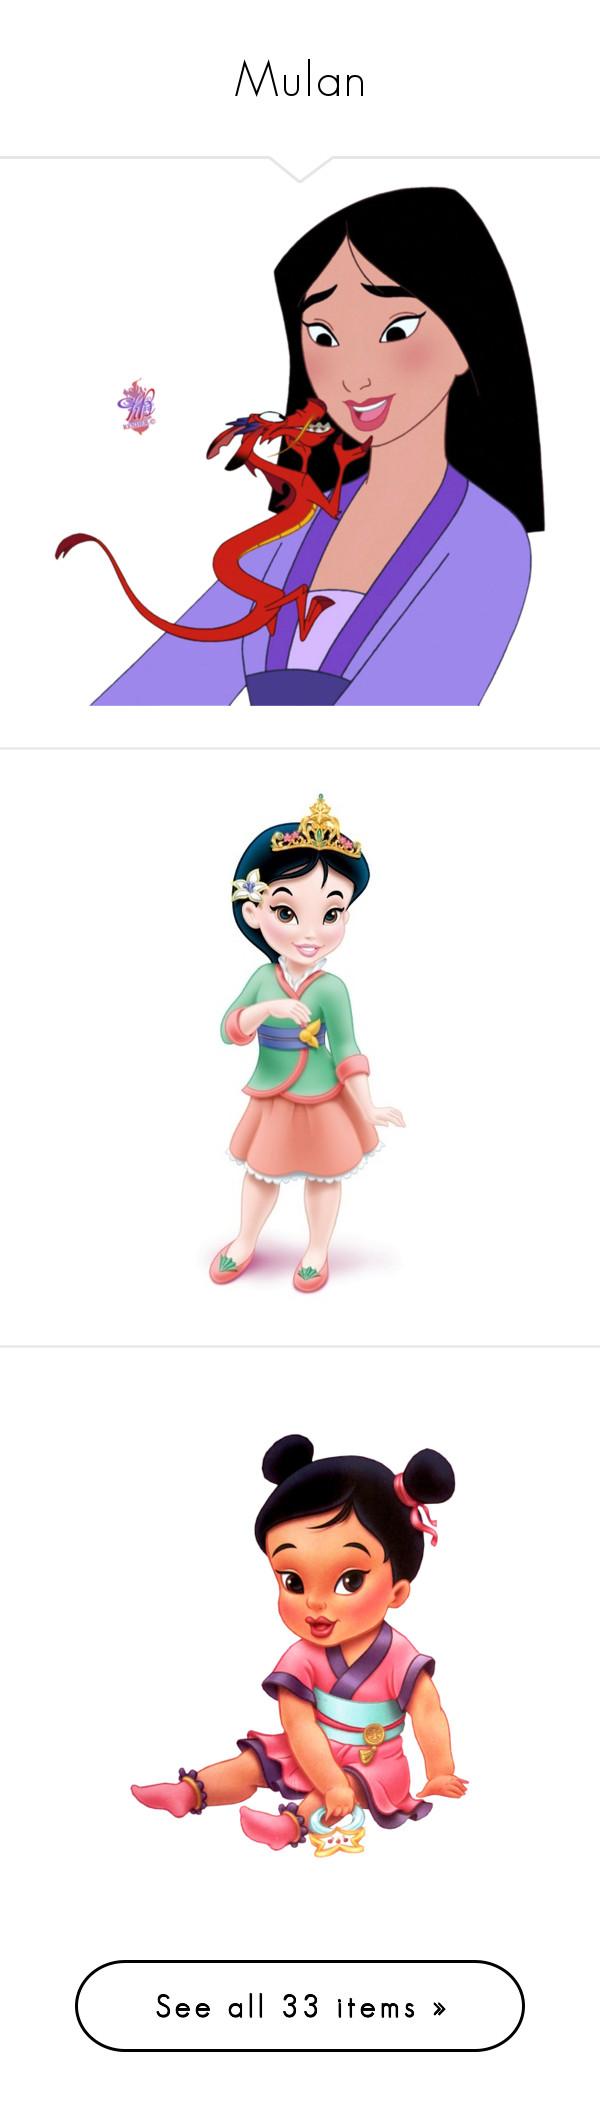 """""""Mulan"""" by asia-12 ❤ liked on Polyvore featuring disney, mulan, characters, disney princesses, princess and li shang"""